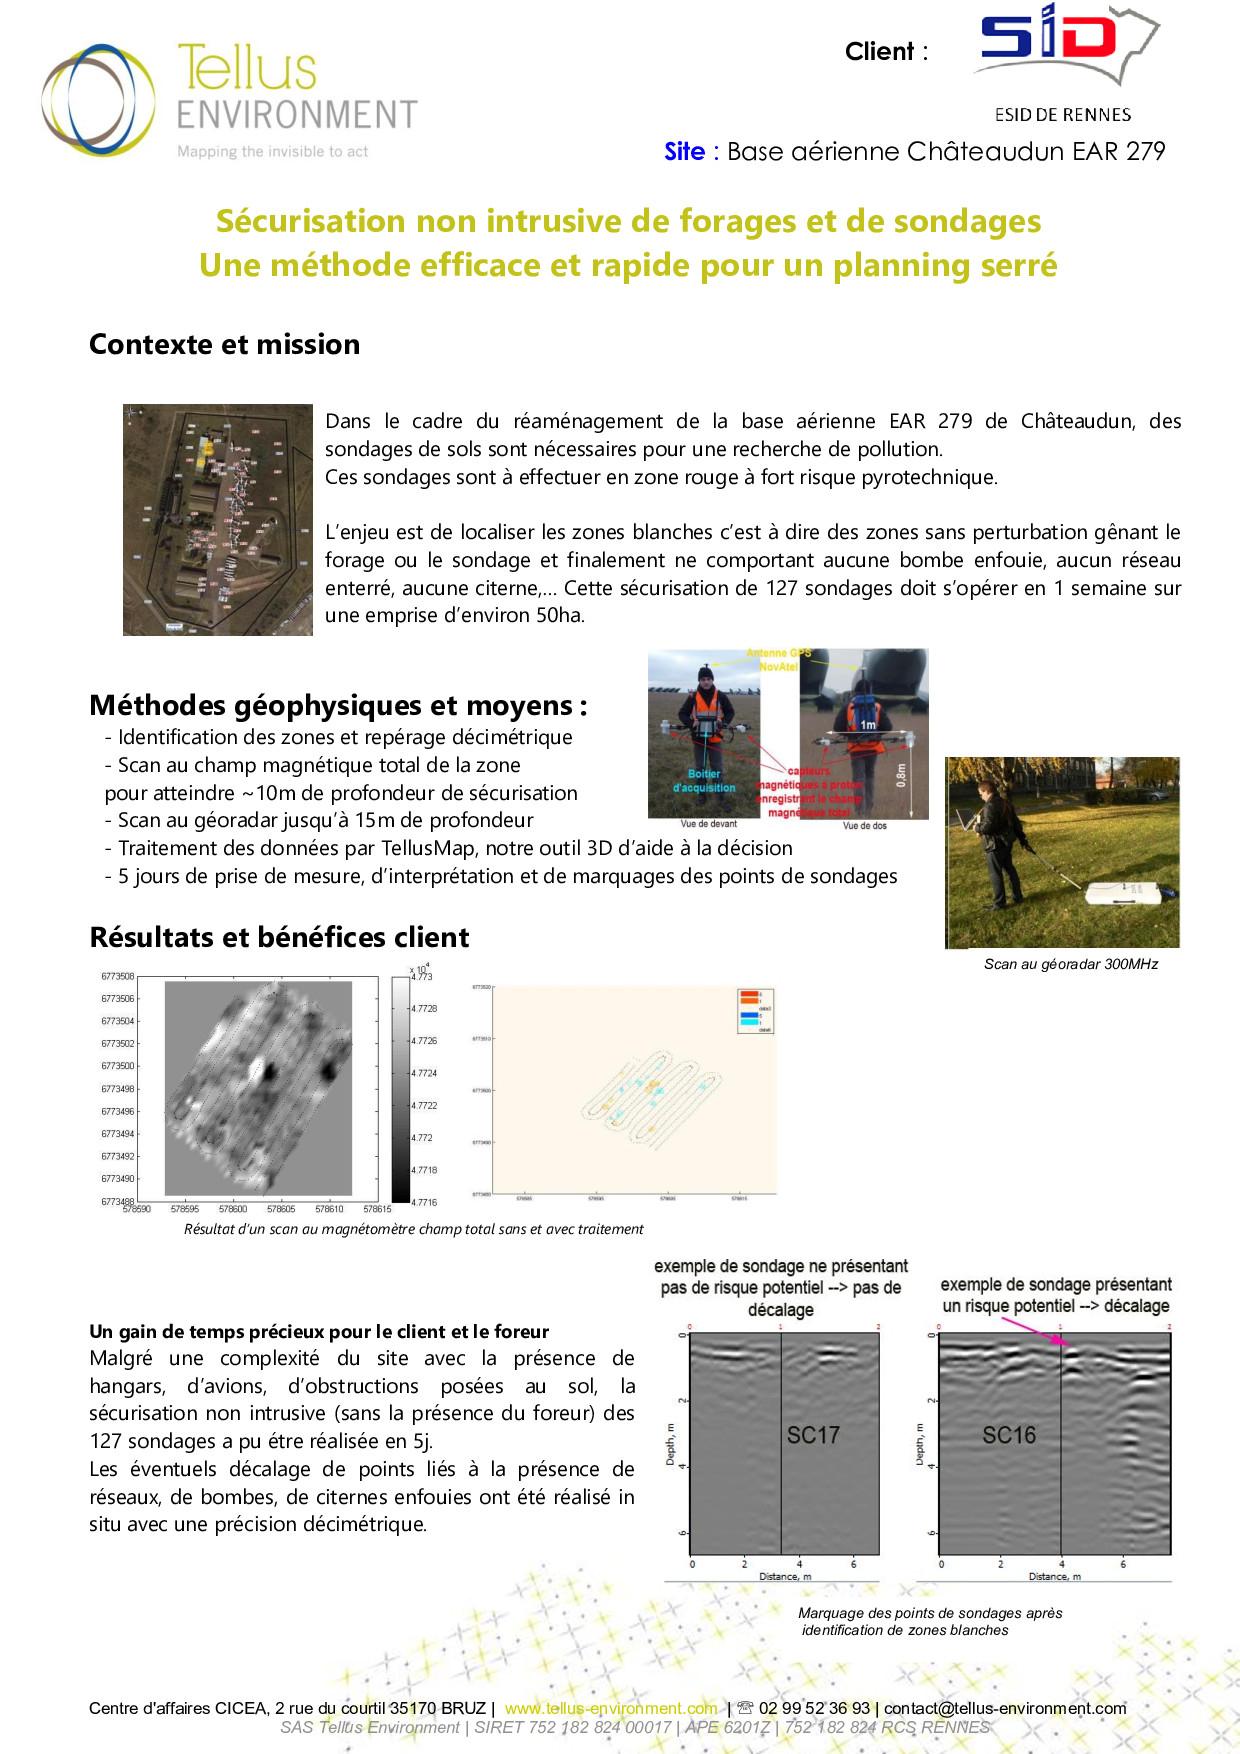 1 Tellus Environment Sécurisation de forages et sondages Radar p001 - Tellus Environment